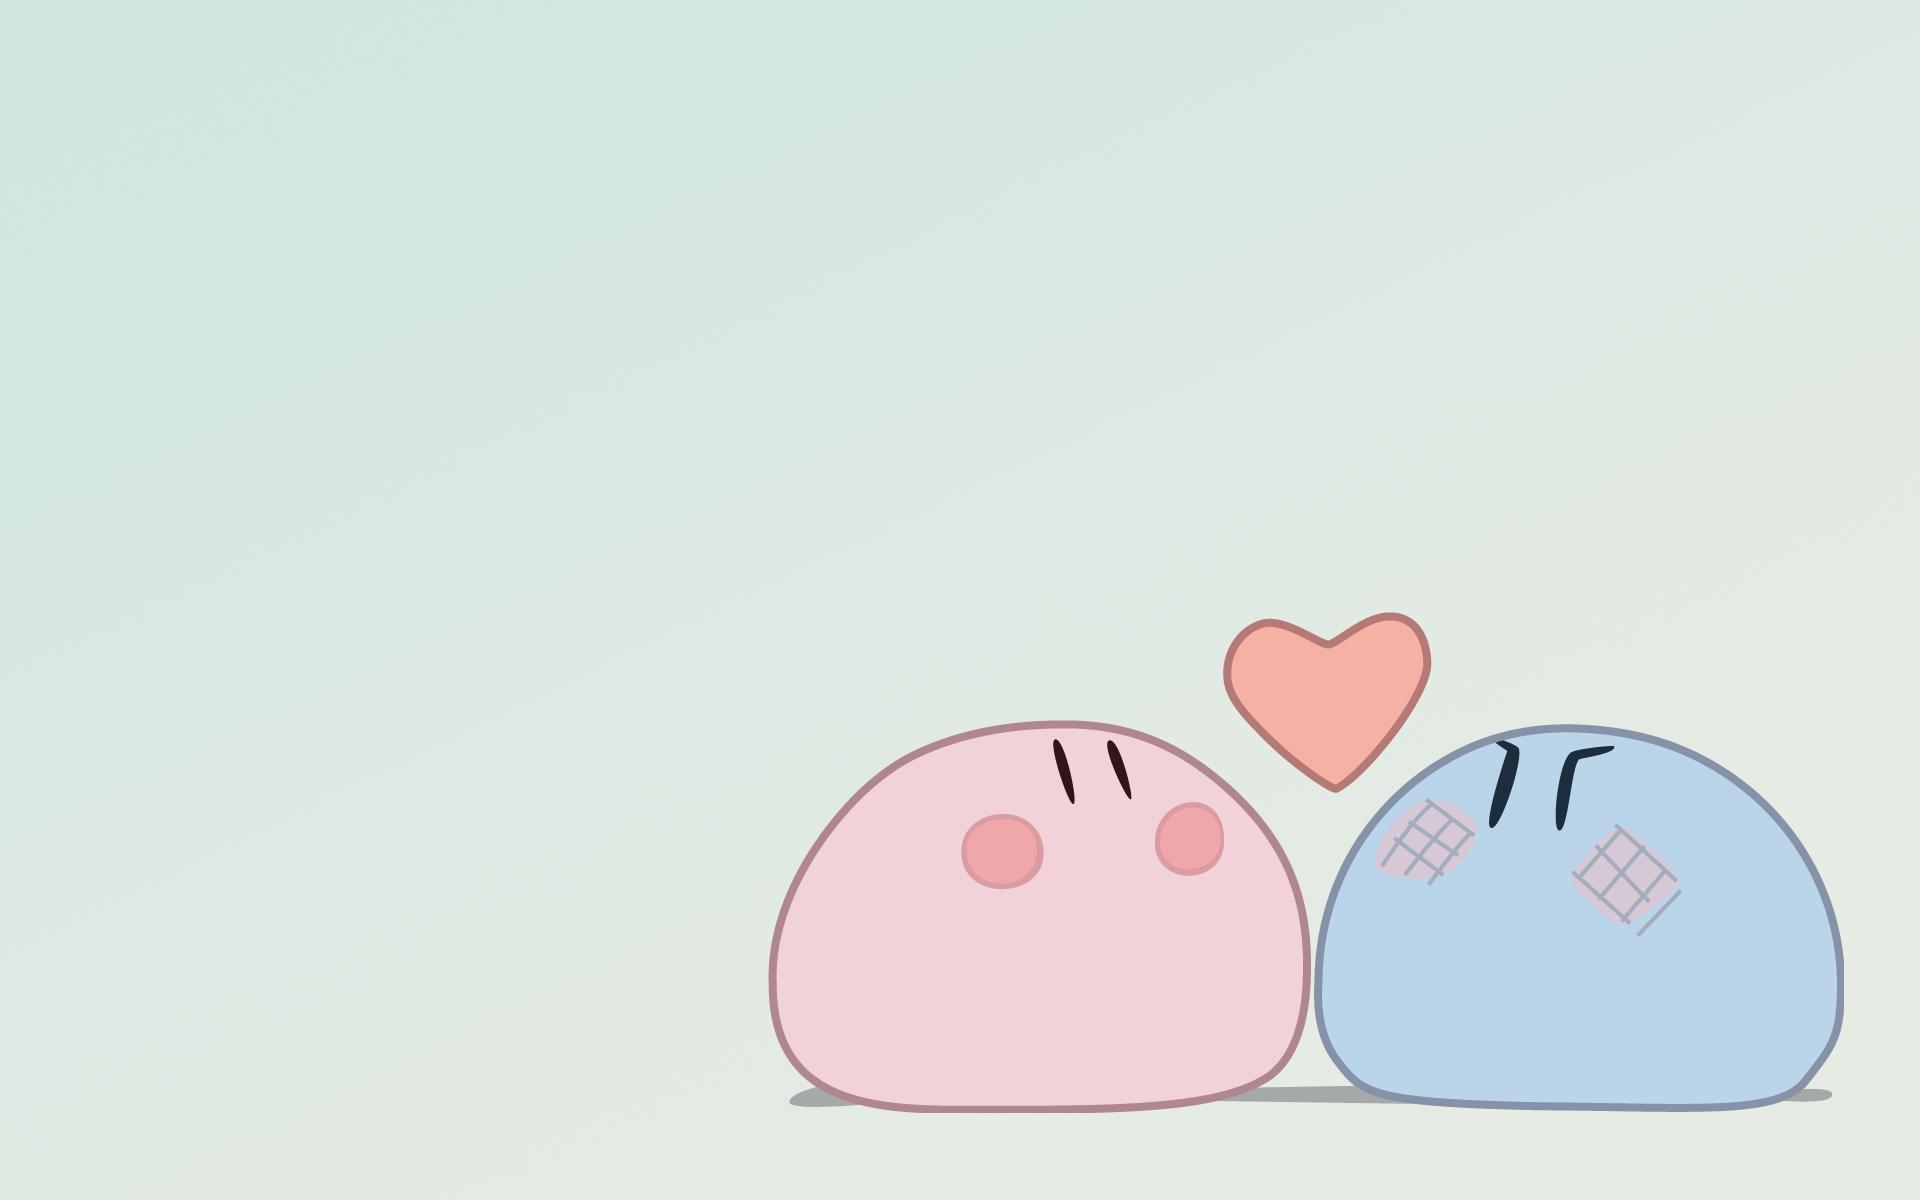 hinh-nen-cute-cho-may-tinh-dep-nhat-wallppaer-cute-3.png